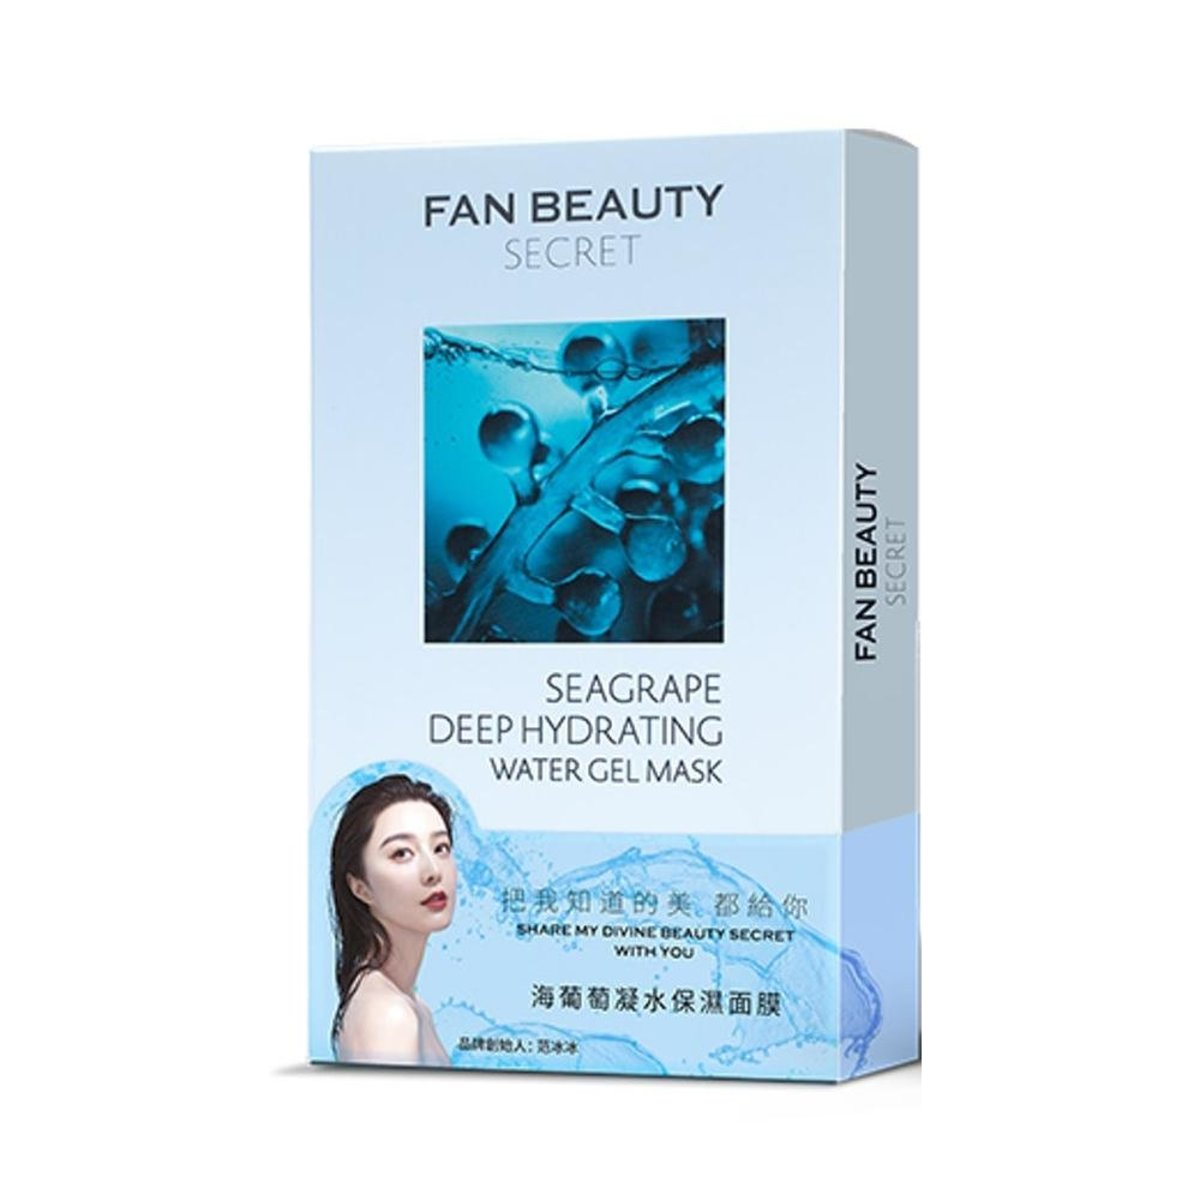 Fan Beauty Sercet - Seagrape Deep Hydrating Water Gel Mask ( 5pcs ) (8809563474684)